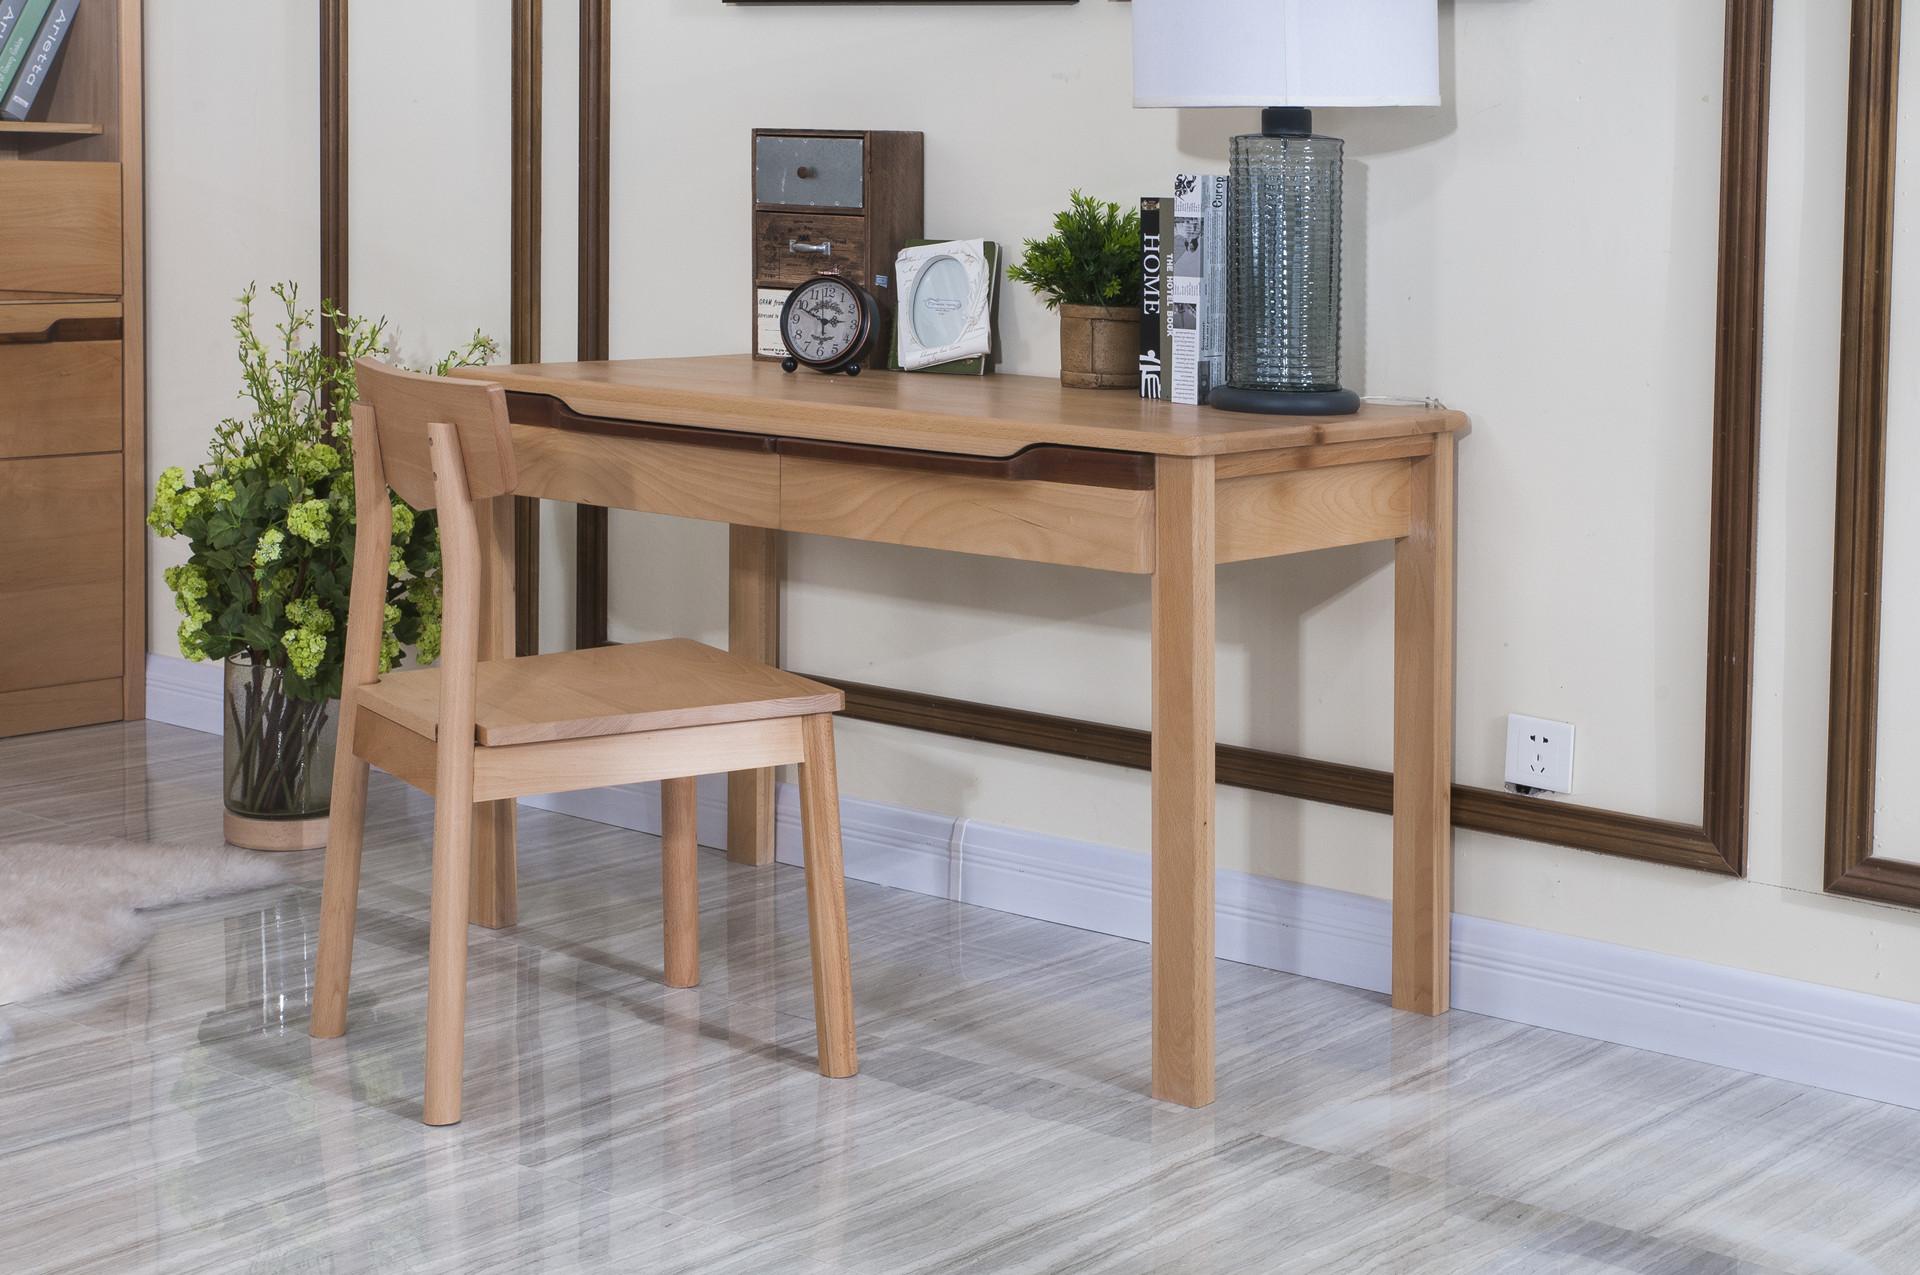 榉木家具如何选购 榉木家具价格影响因素